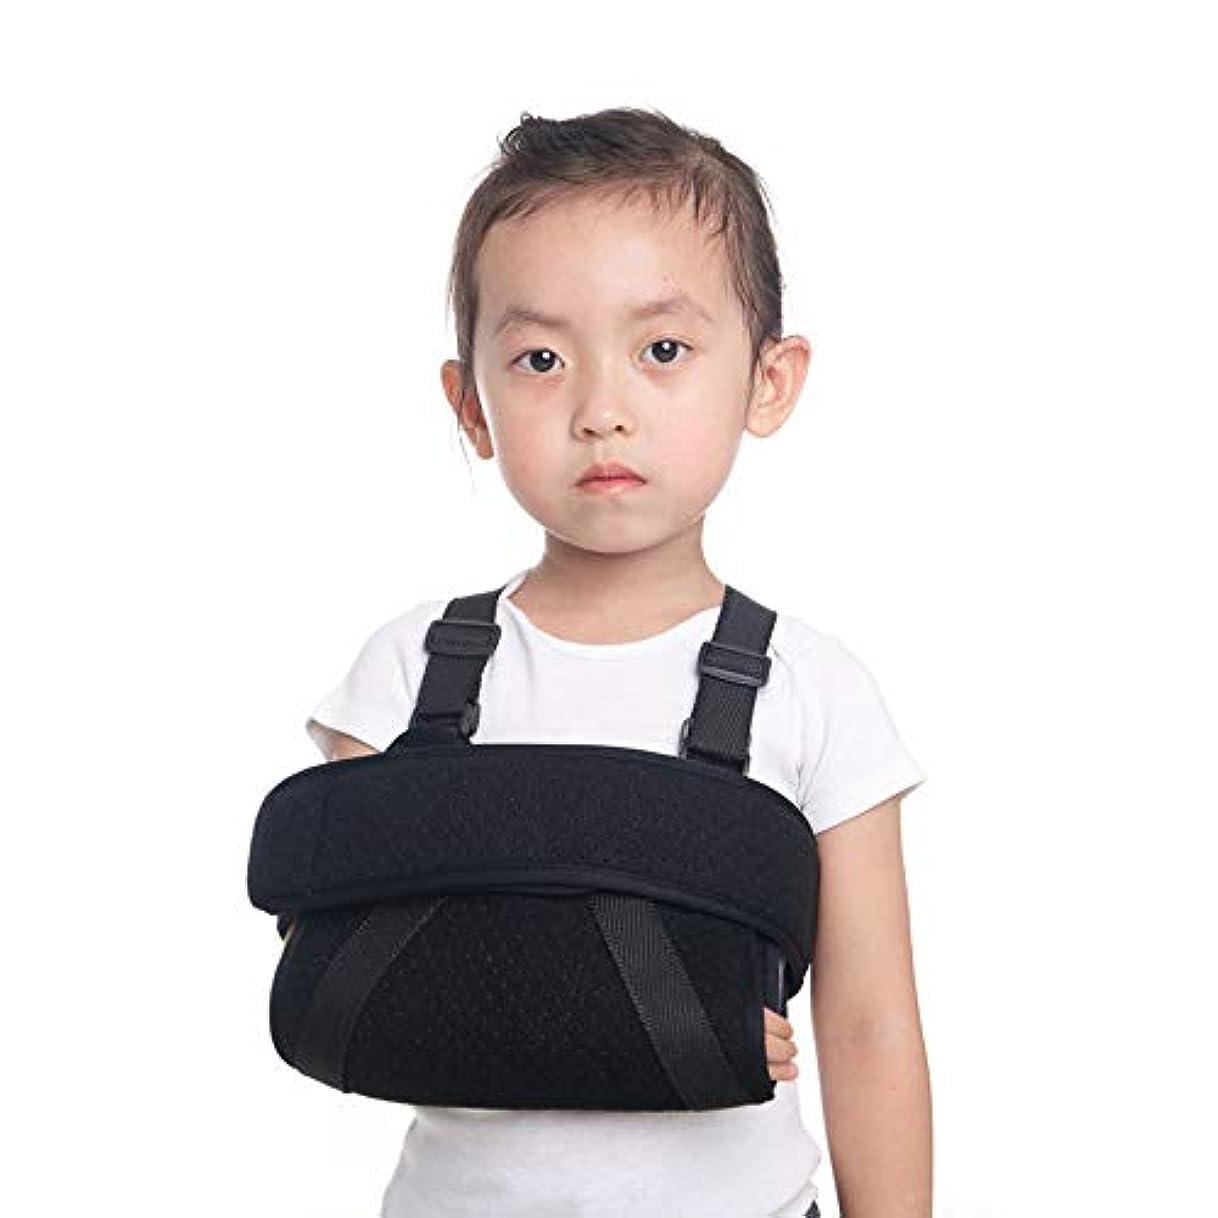 マインドフル臭い先行するキッズフラクチャリングスリング、アームエルボーフラクチャ固定ブレース、6-10歳の子供の 手首脱臼保護サポート